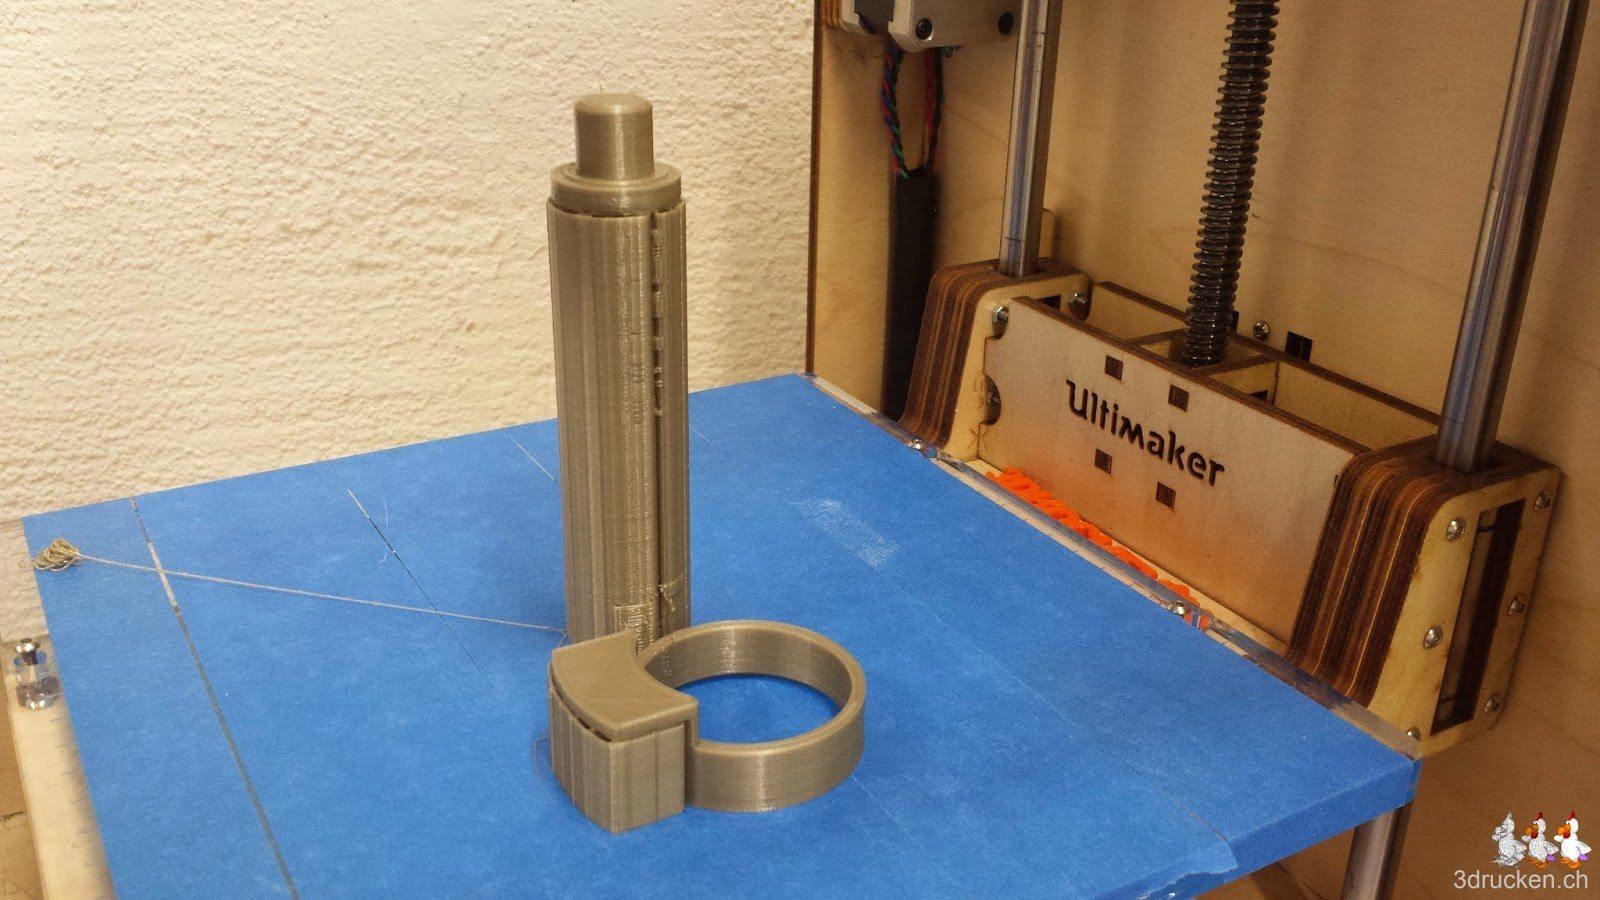 Foto der neu gedruckten Rollenhalterung für kleine Durchmesser auf dem Drucktisch des Ultimaker Original